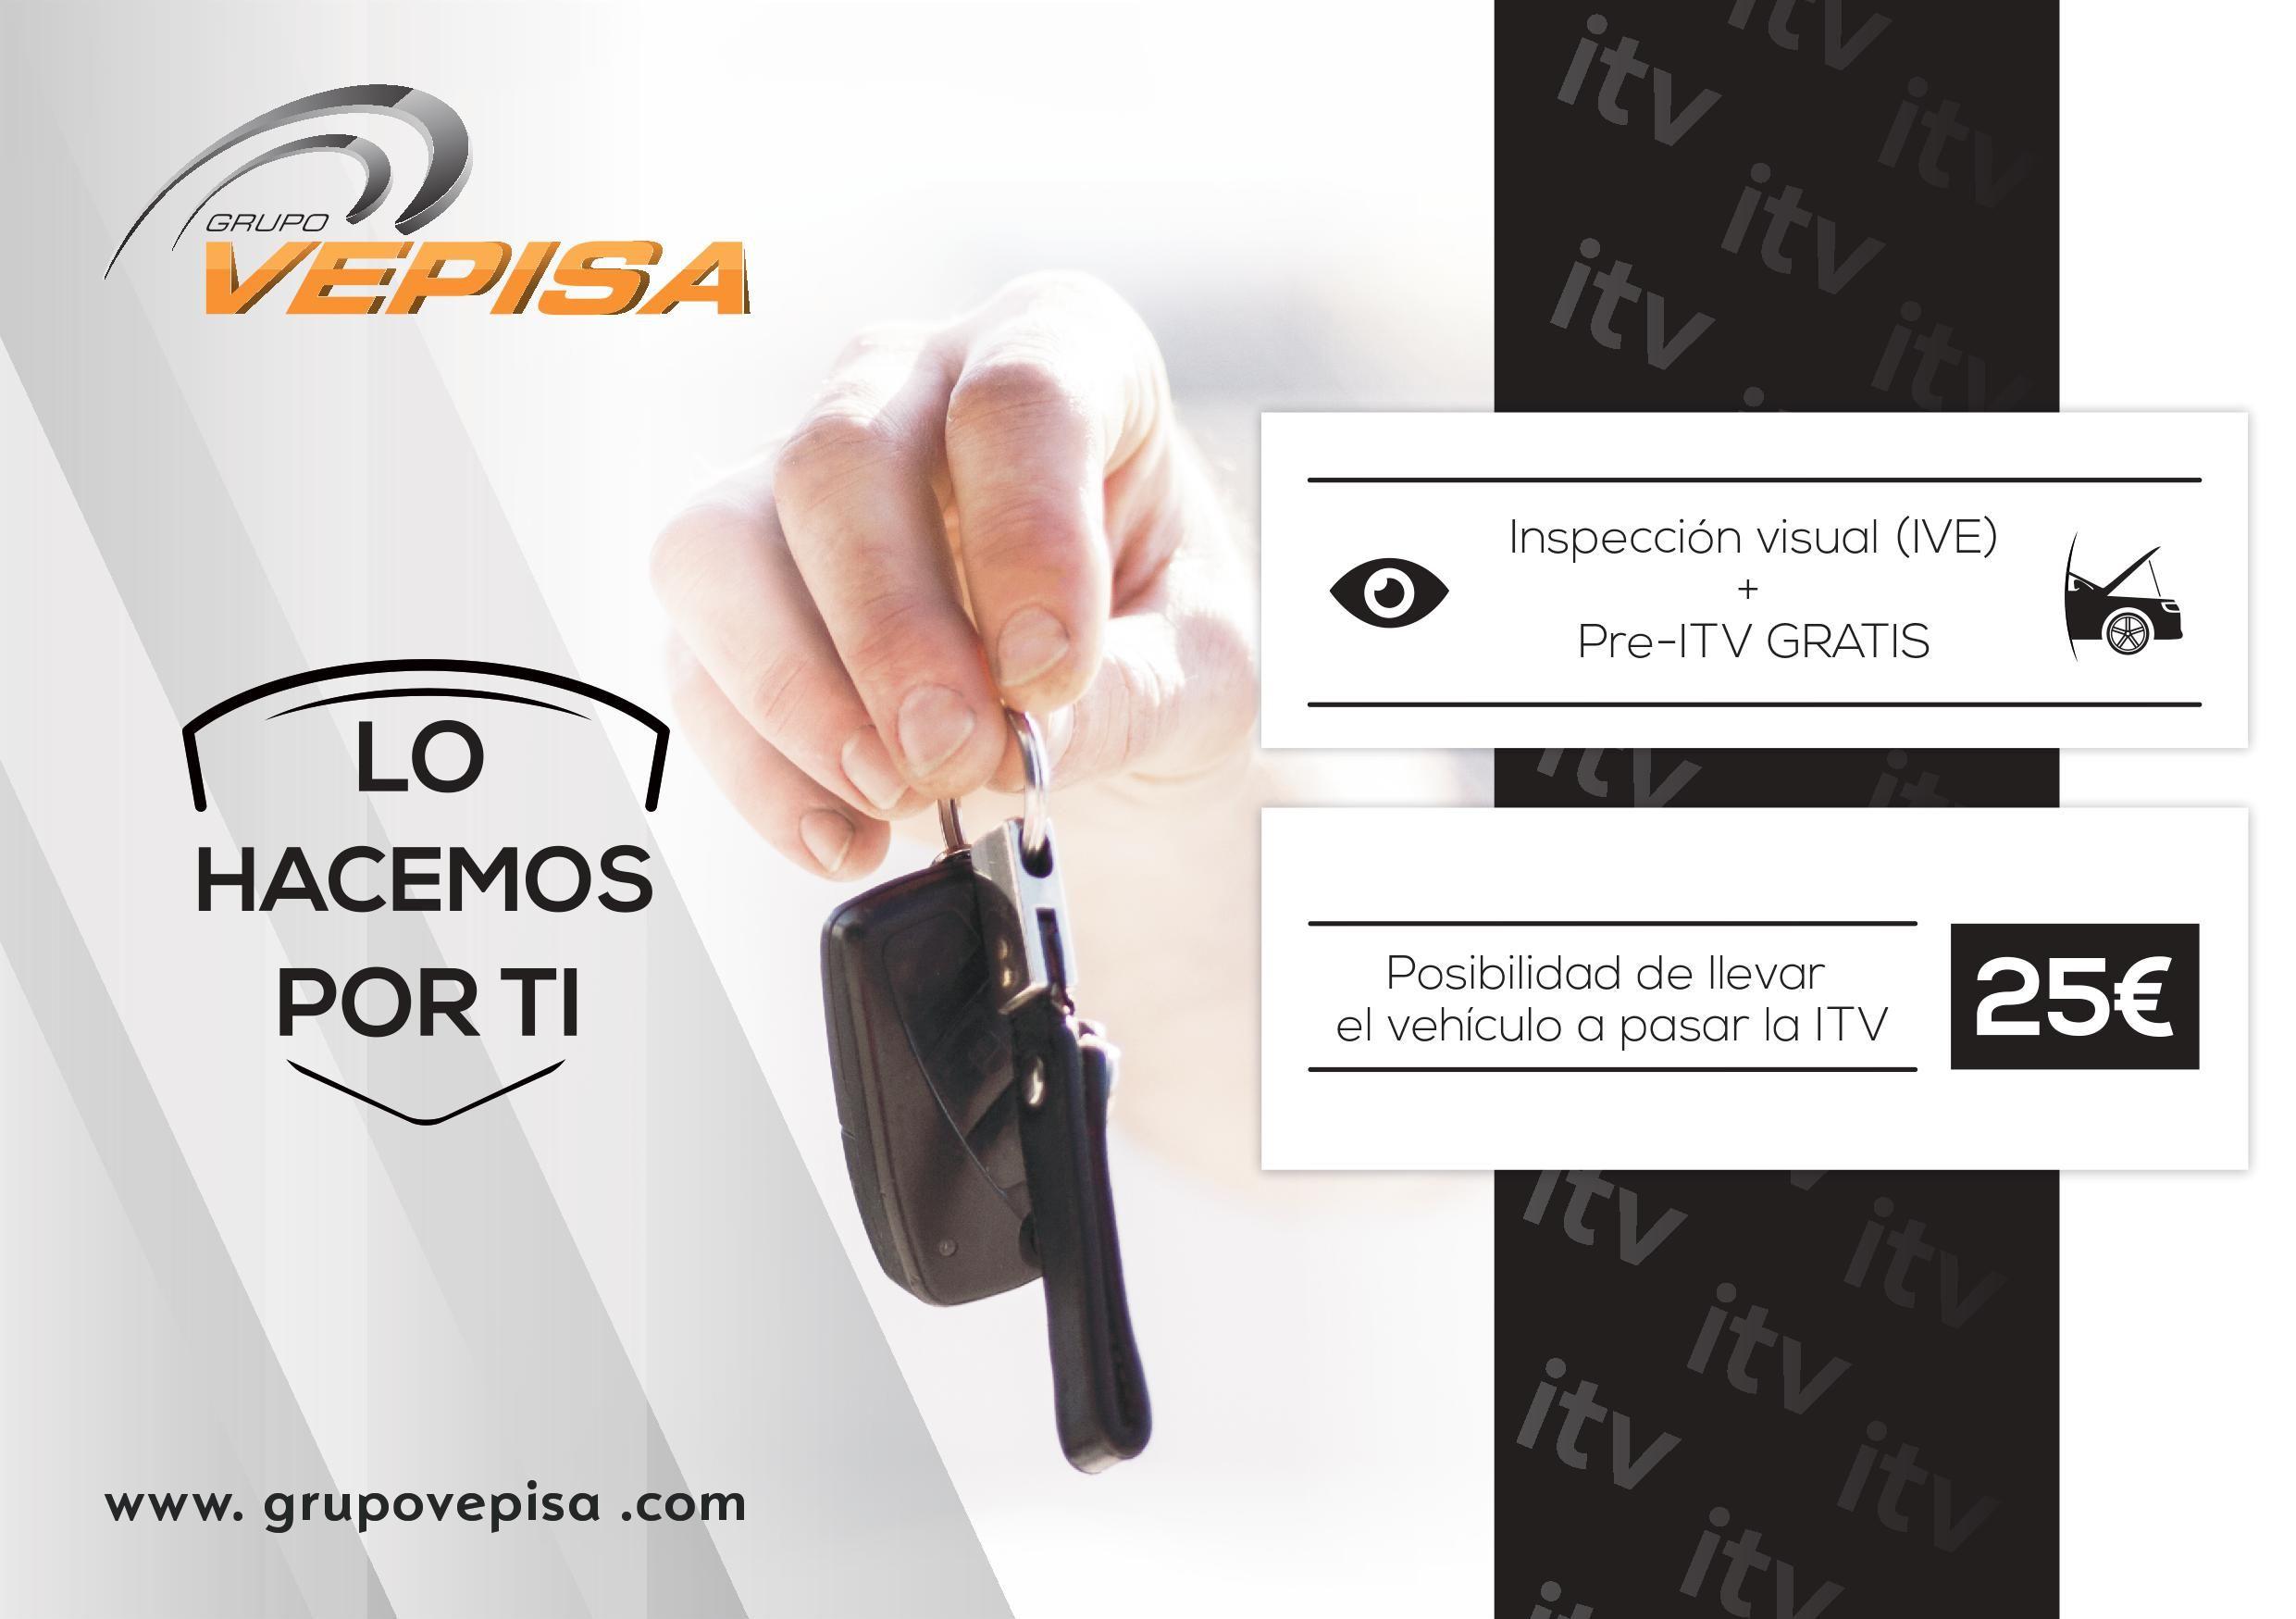 PRE ITV + INSPECCIÓN VISUAL DE 20 PUNTOS TOTALMENTE GRATIS